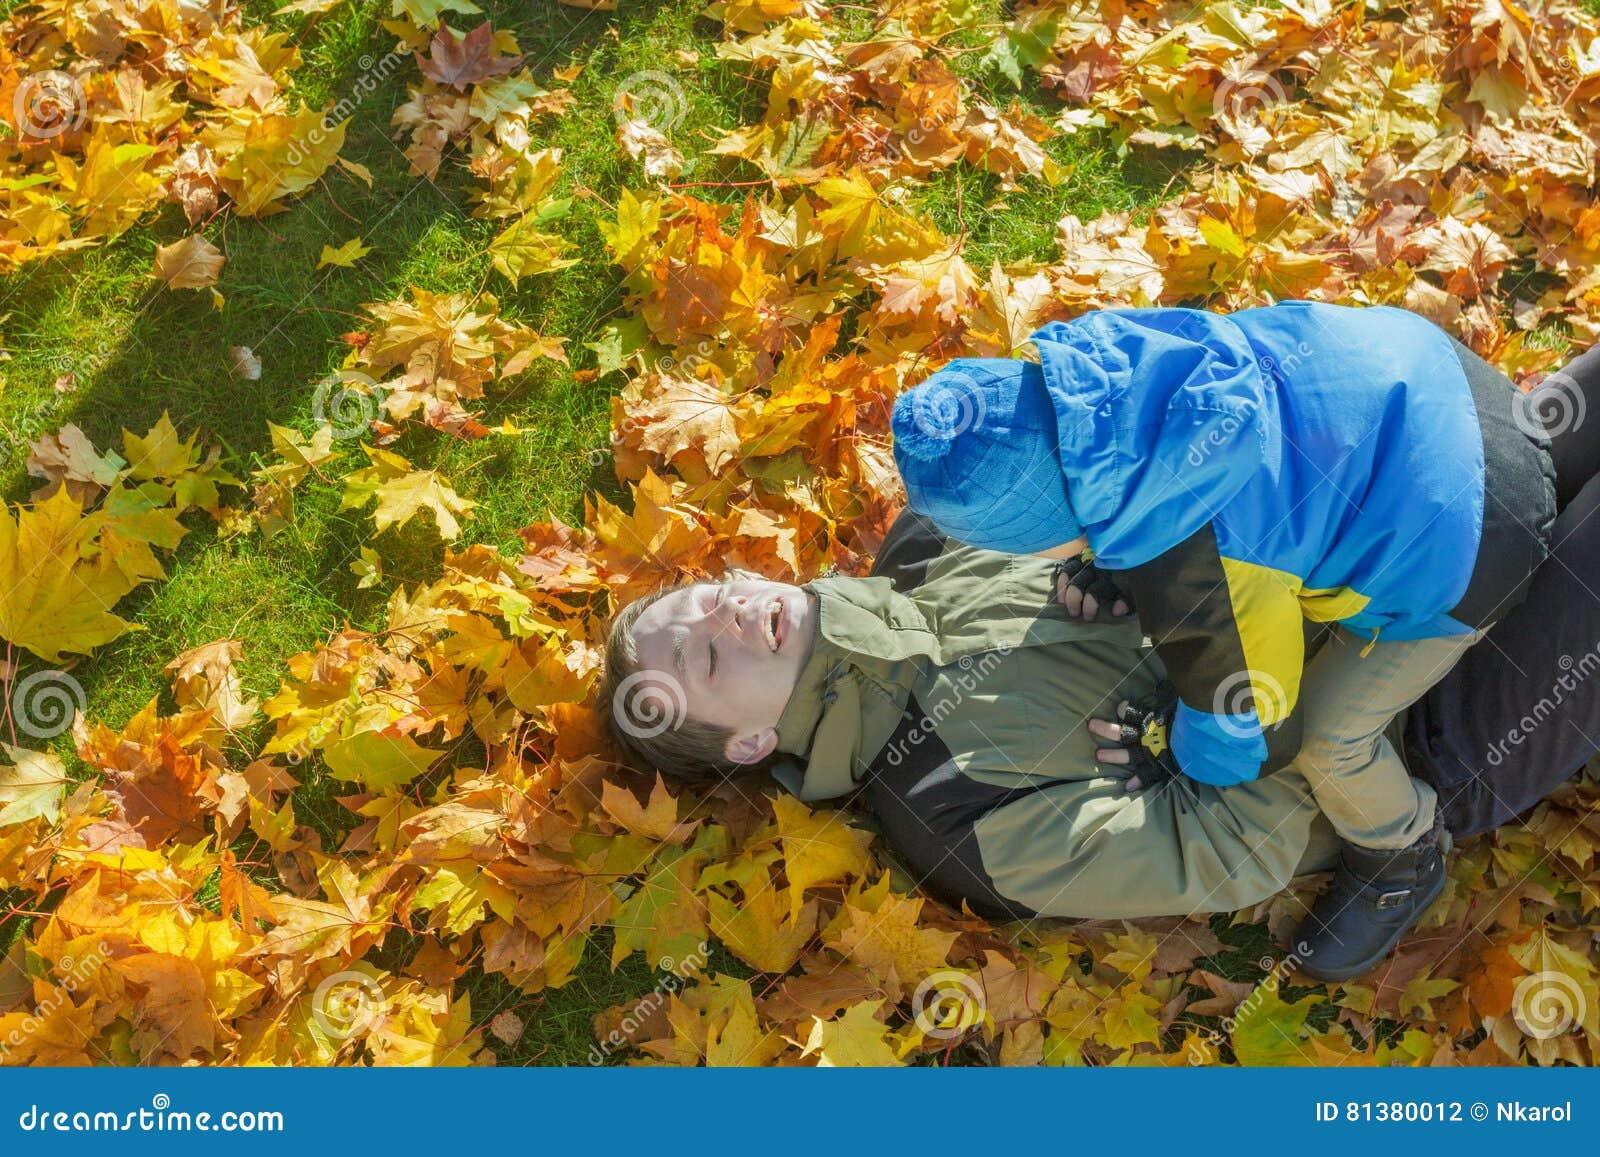 O retrato aéreo da luta brincalhão da família do pai e do filho no outono amarelo e alaranjado caído sae do groundcover